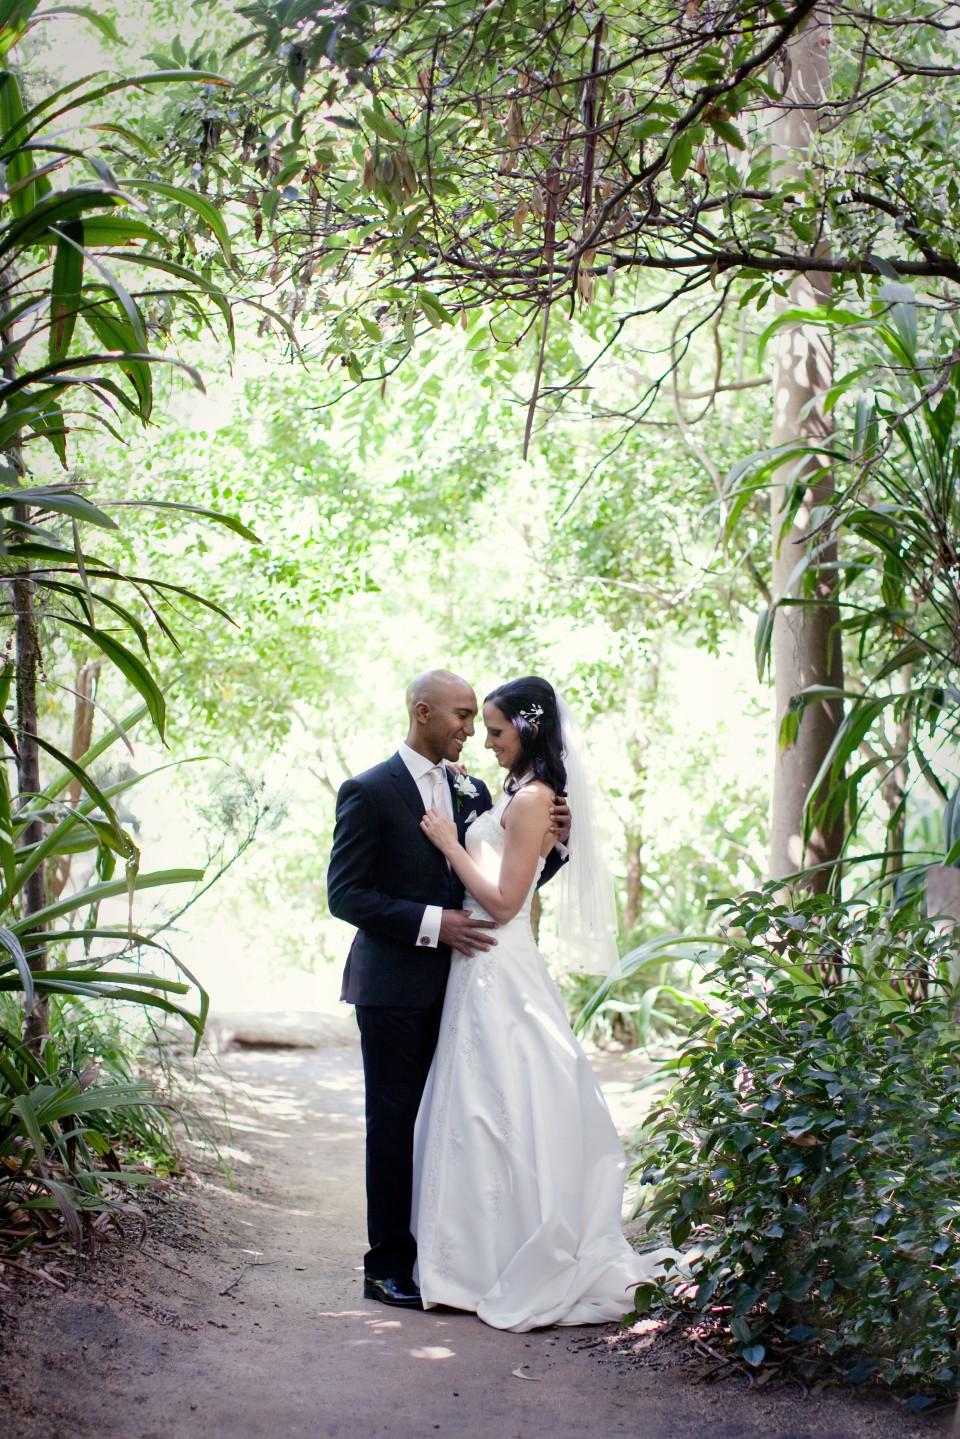 Melbourne outdoor Garden wedding ceremony at unique venue, melbourne zoo